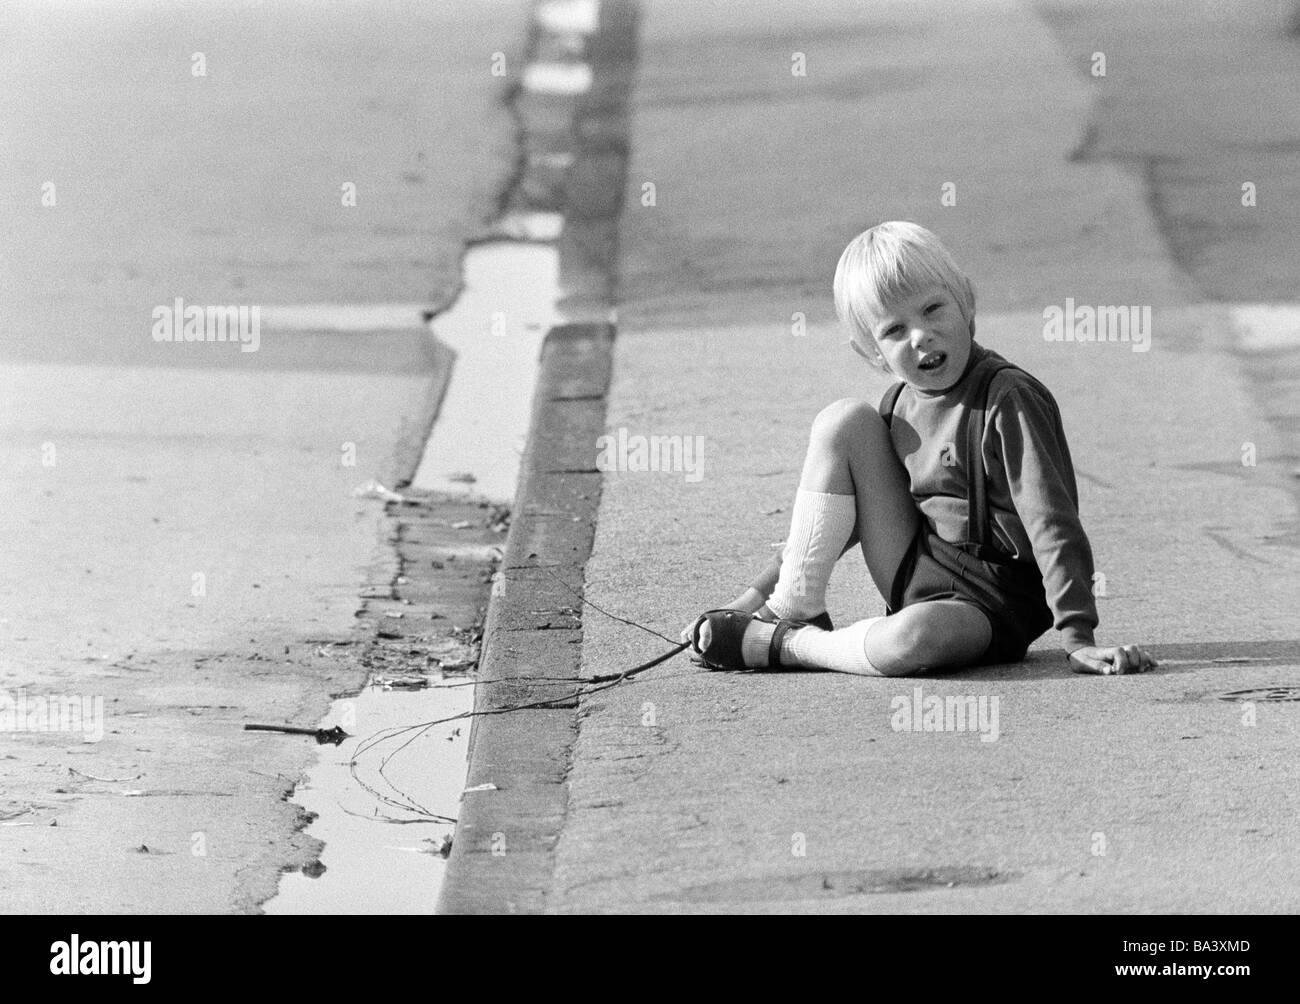 ann u00e9es 70  photo en noir et blanc  les gens  les enfants  petit gar u00e7on est assis sur un trottoir